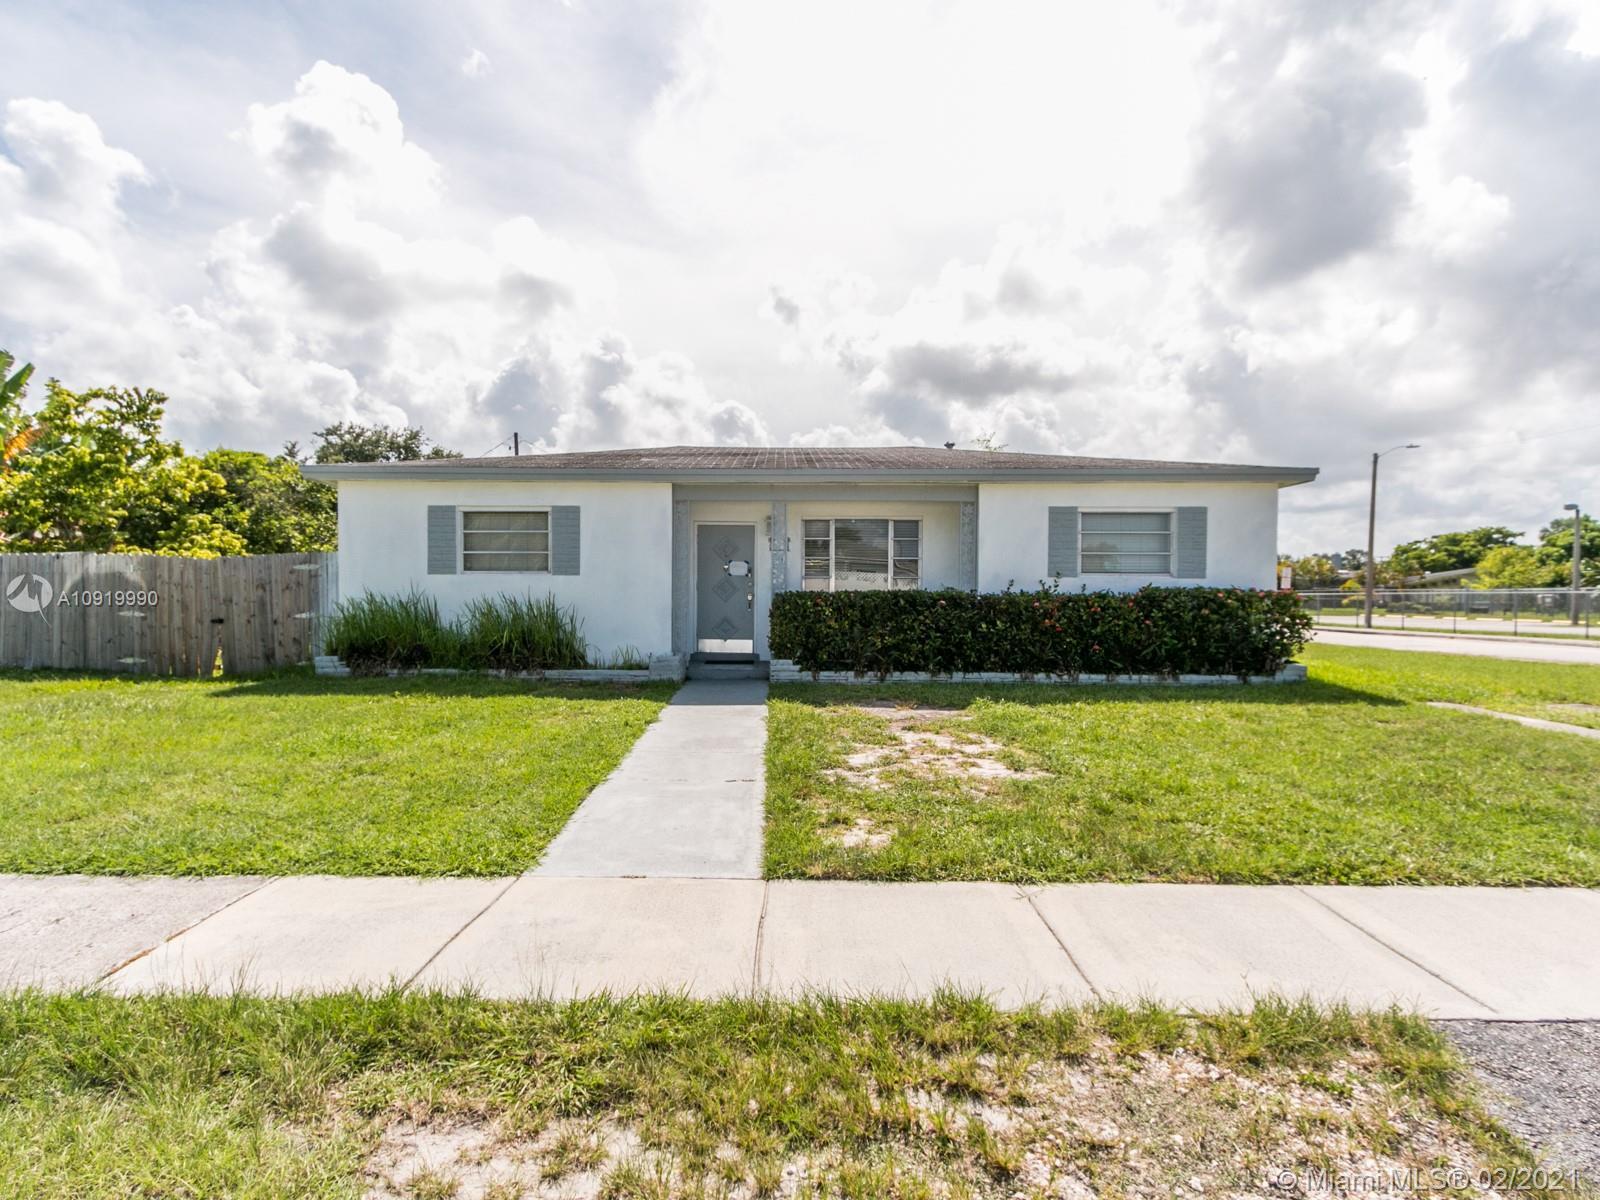 Windward - 17030 NE 7th Ct, North Miami Beach, FL 33162